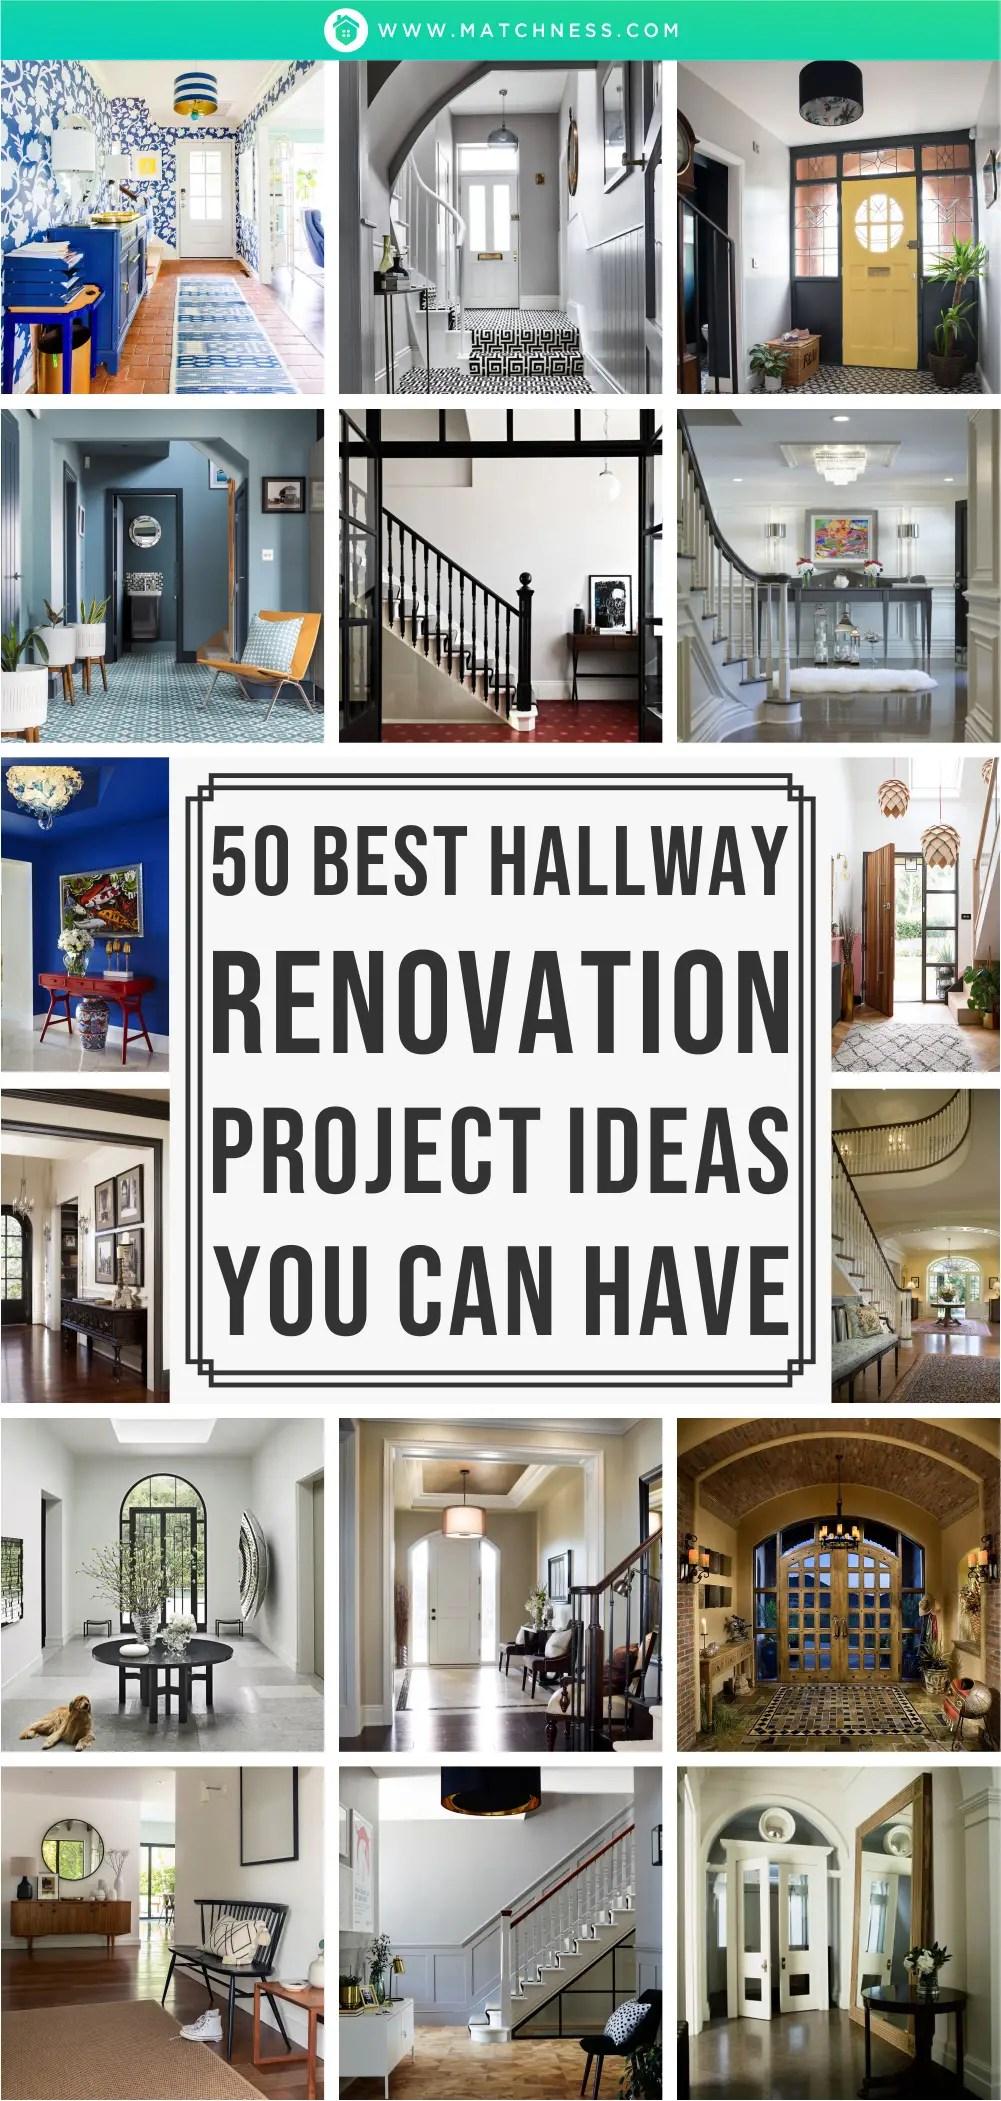 50-beste-flur-renovierungsprojekt-ideen-die-sie-haben-können1